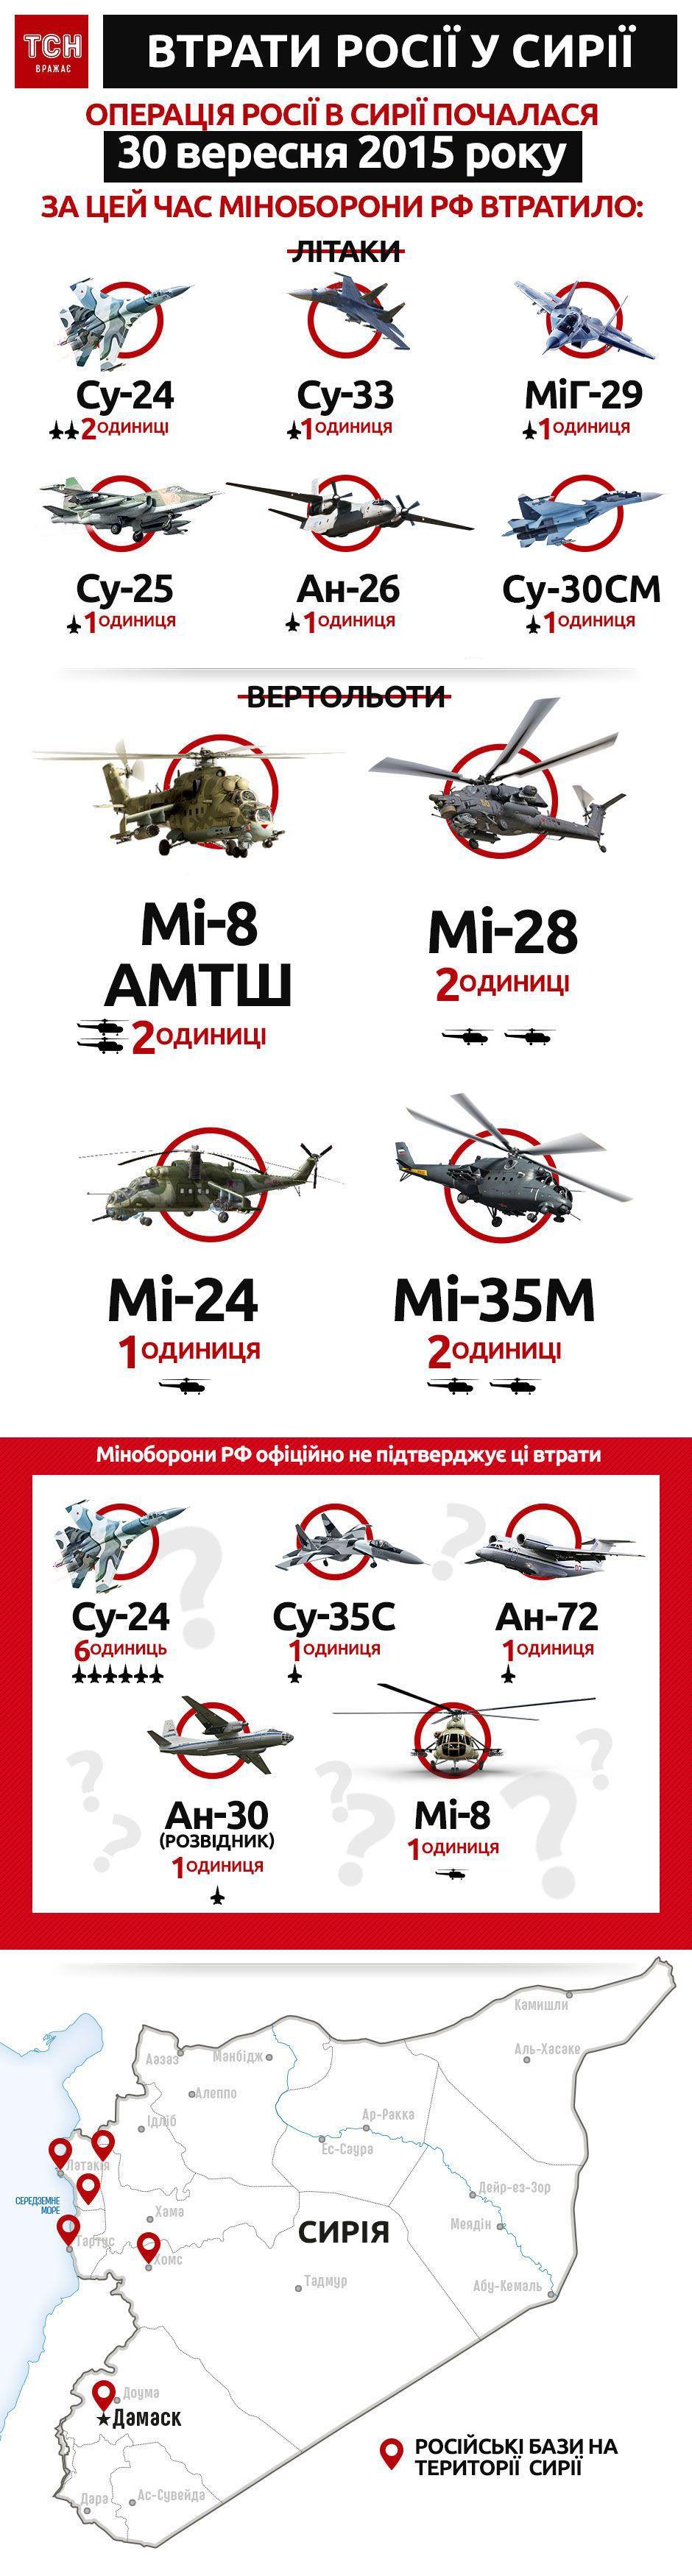 втрати російської військової авіації у Сирії станом на 3 травня 2018, інфографіка